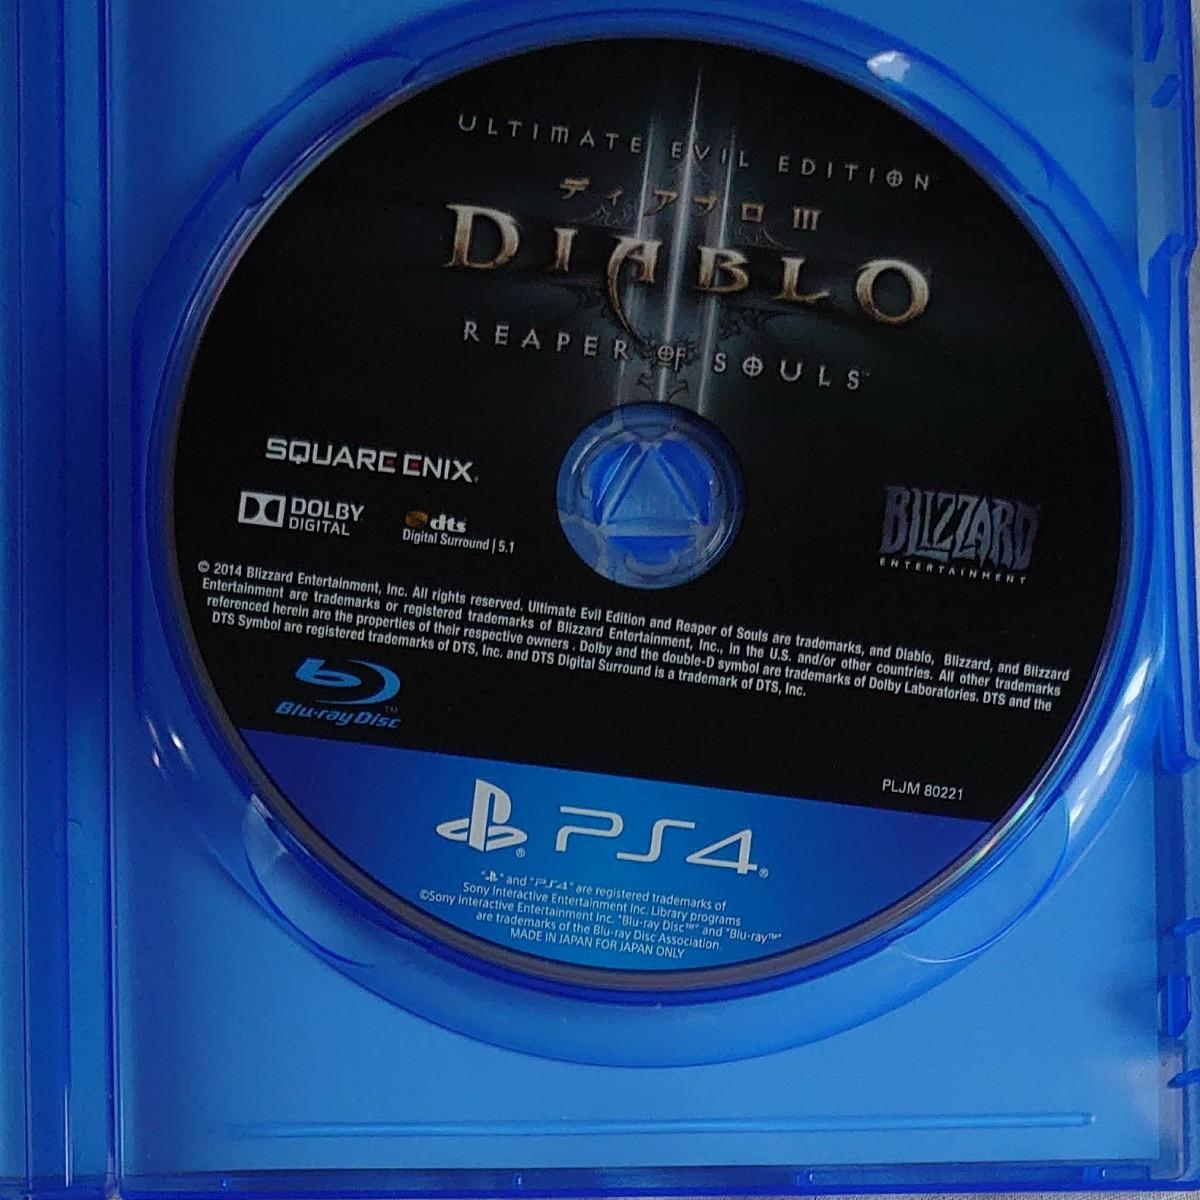 PS4 ディアブロ3 リーパー ソウルズ アルティメット